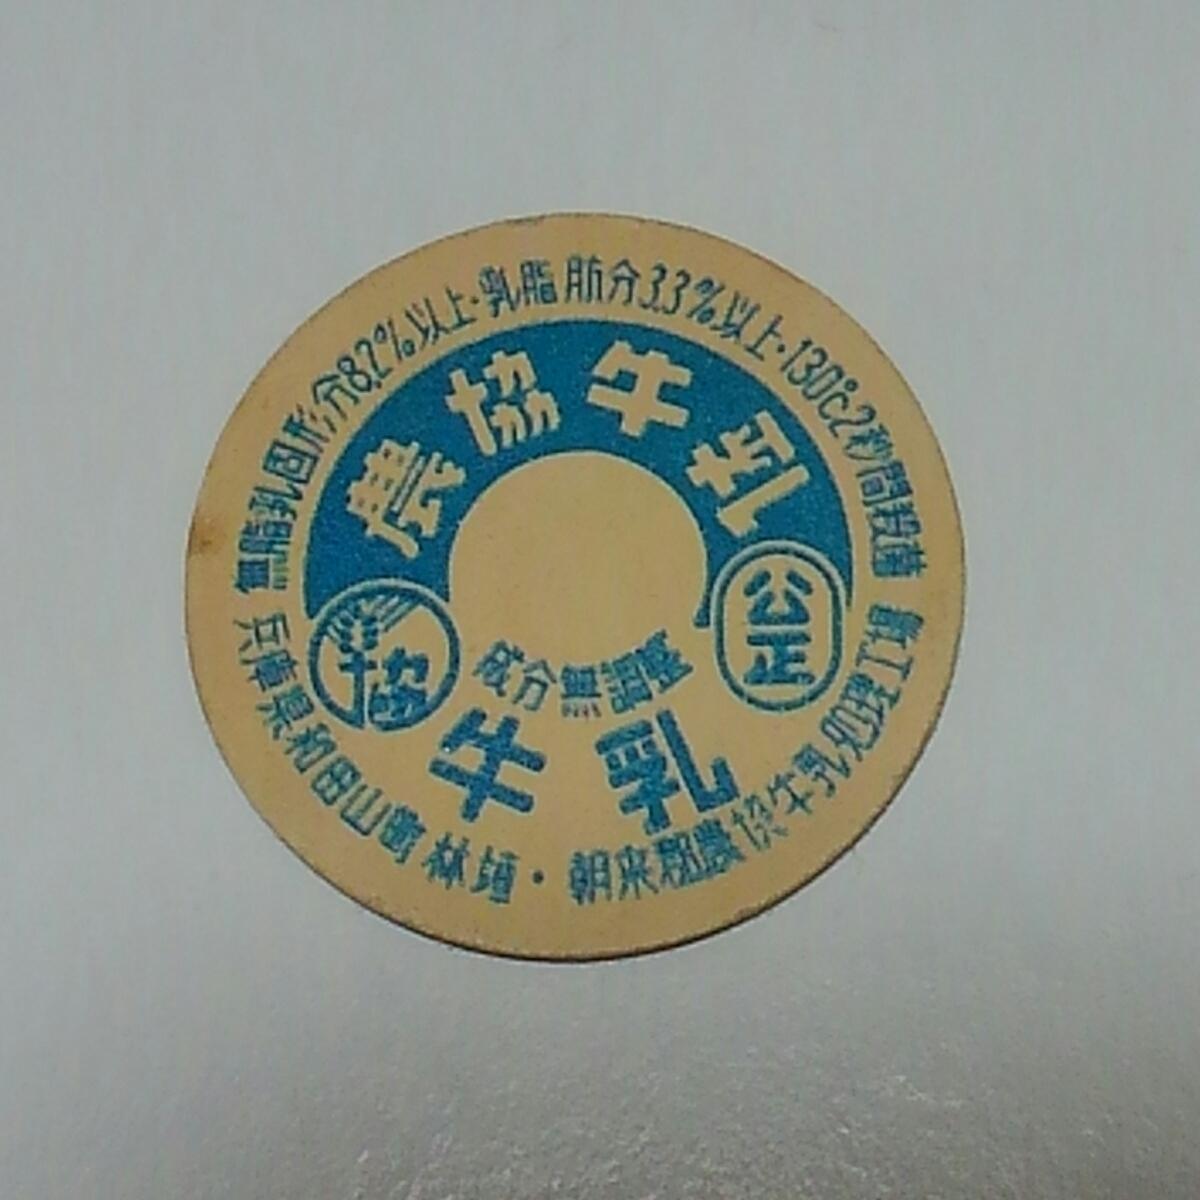 【牛乳キャップ】約35年前 農協牛乳 未使用 兵庫県/朝来酪農協牛乳処理工場